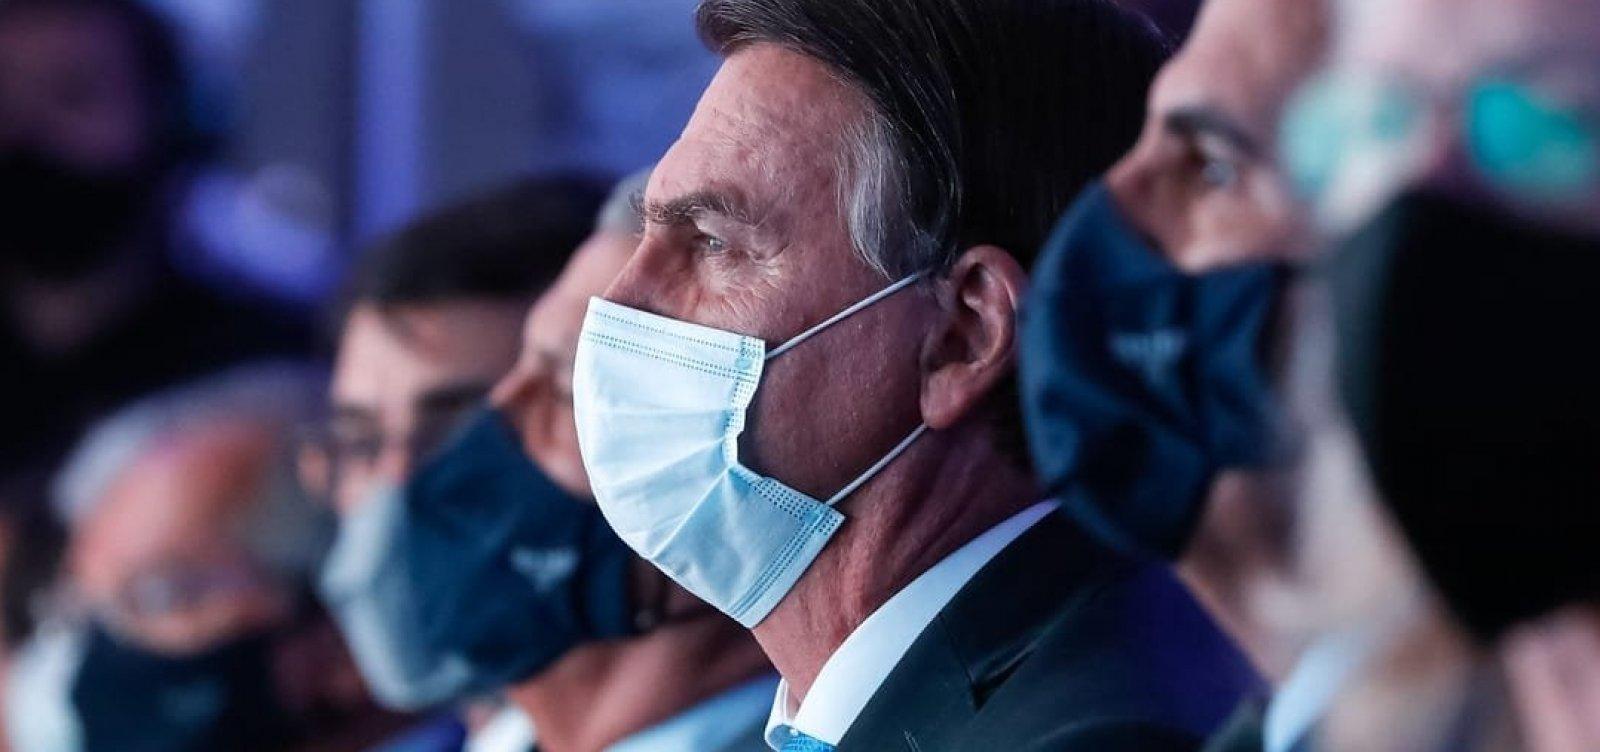 Datafolha: 49% apoiam impeachment de Bolsonaro; 46% são contra